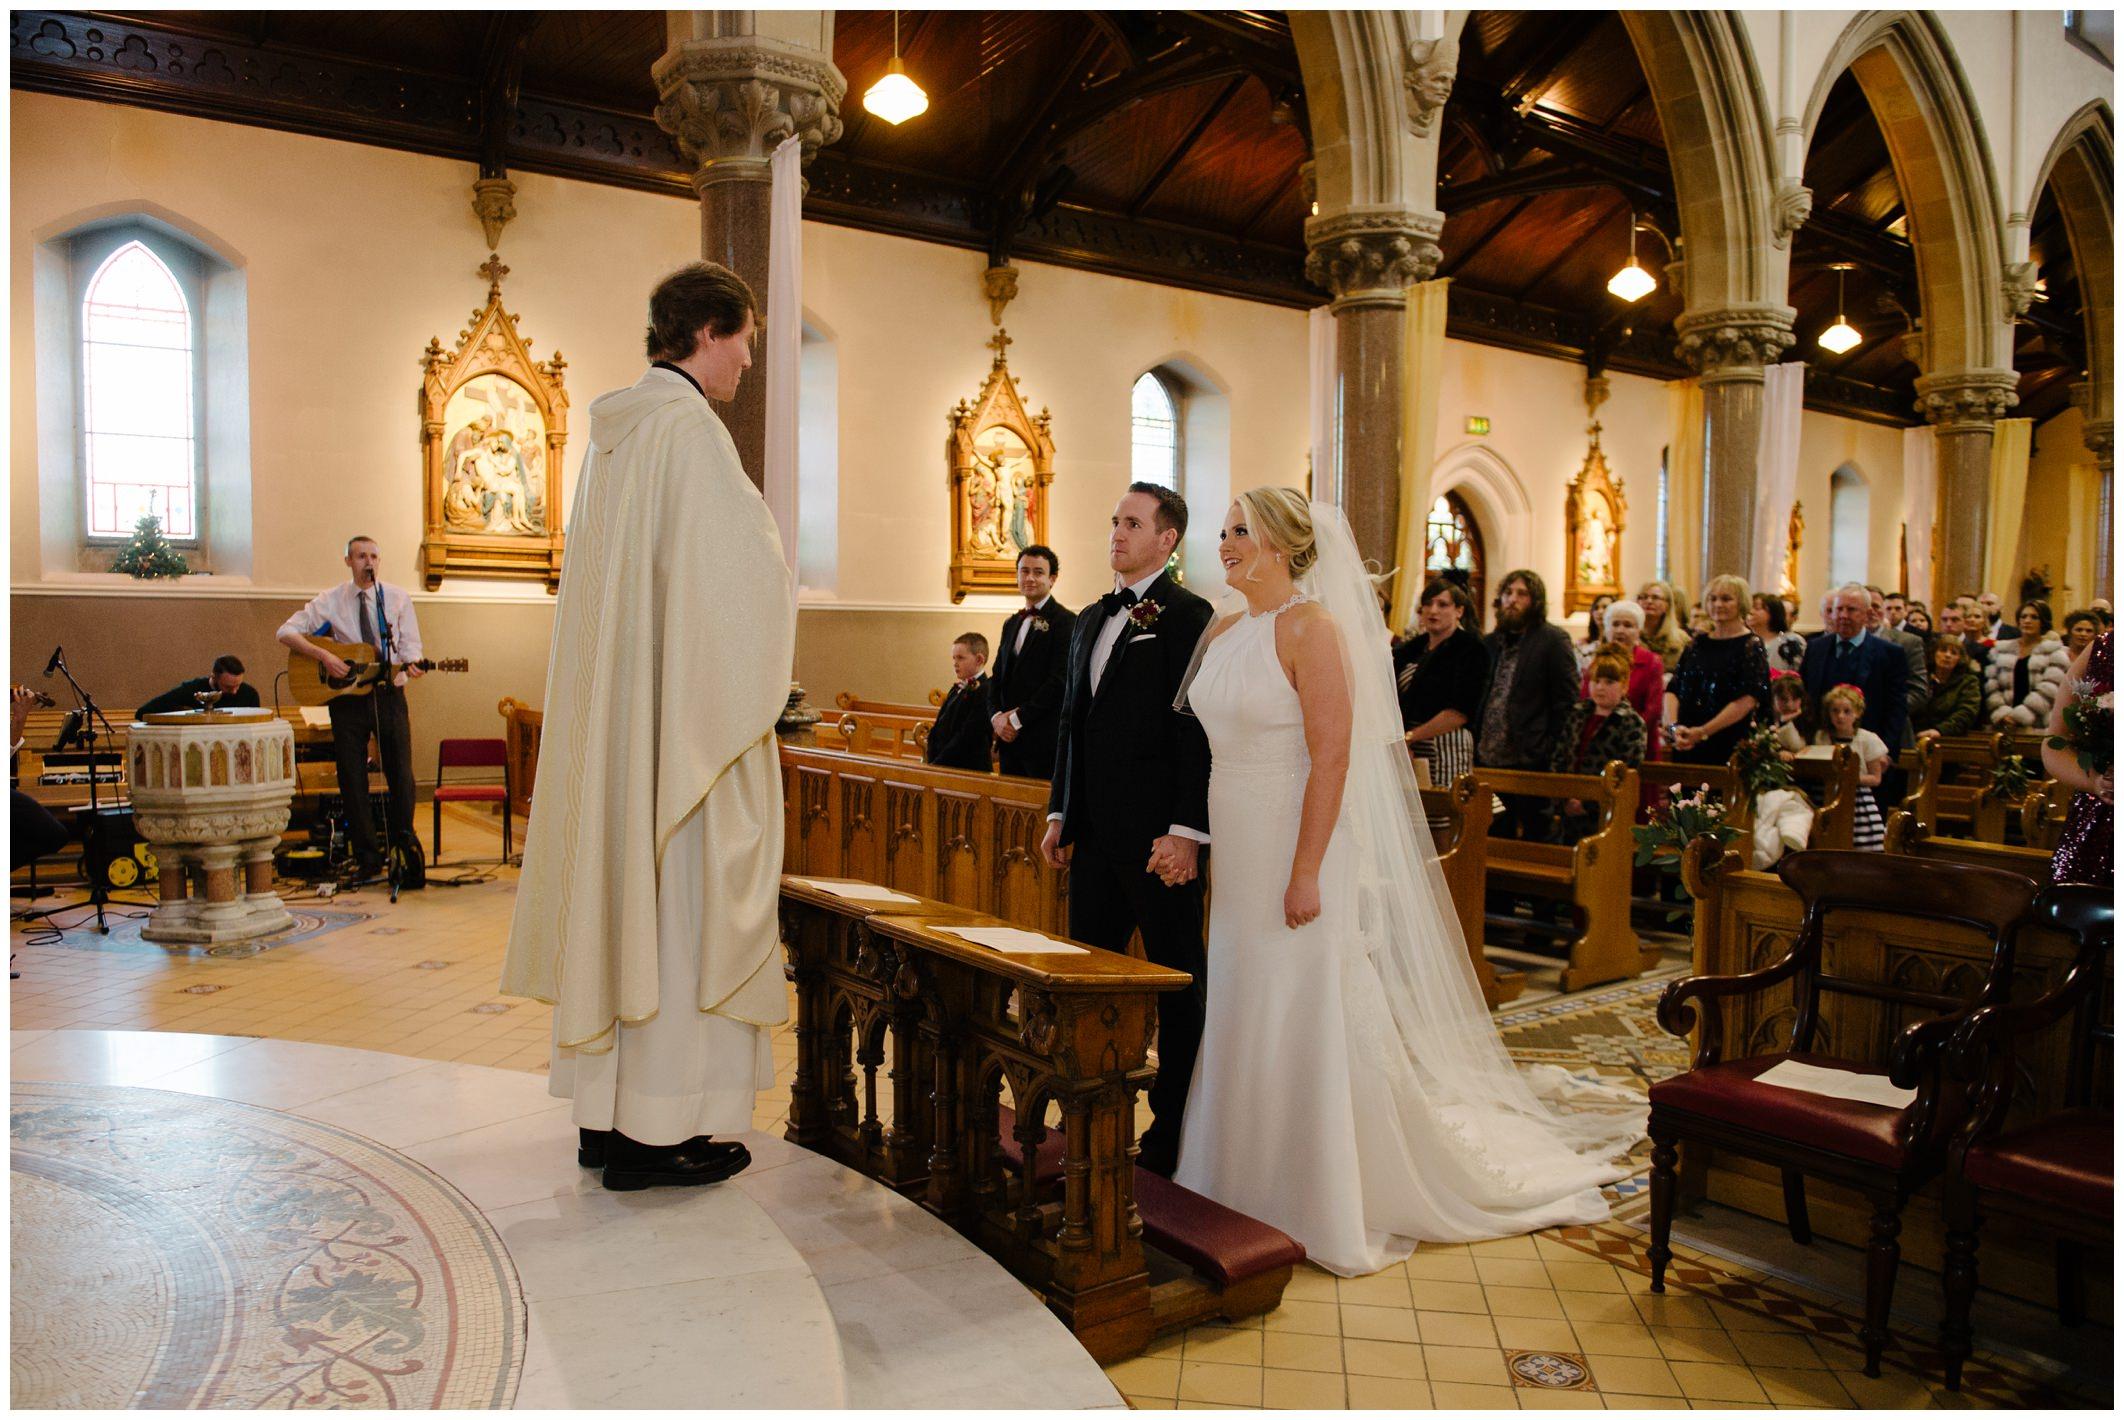 silver_tassie_wedding_jude_browne_photography_0032.jpg